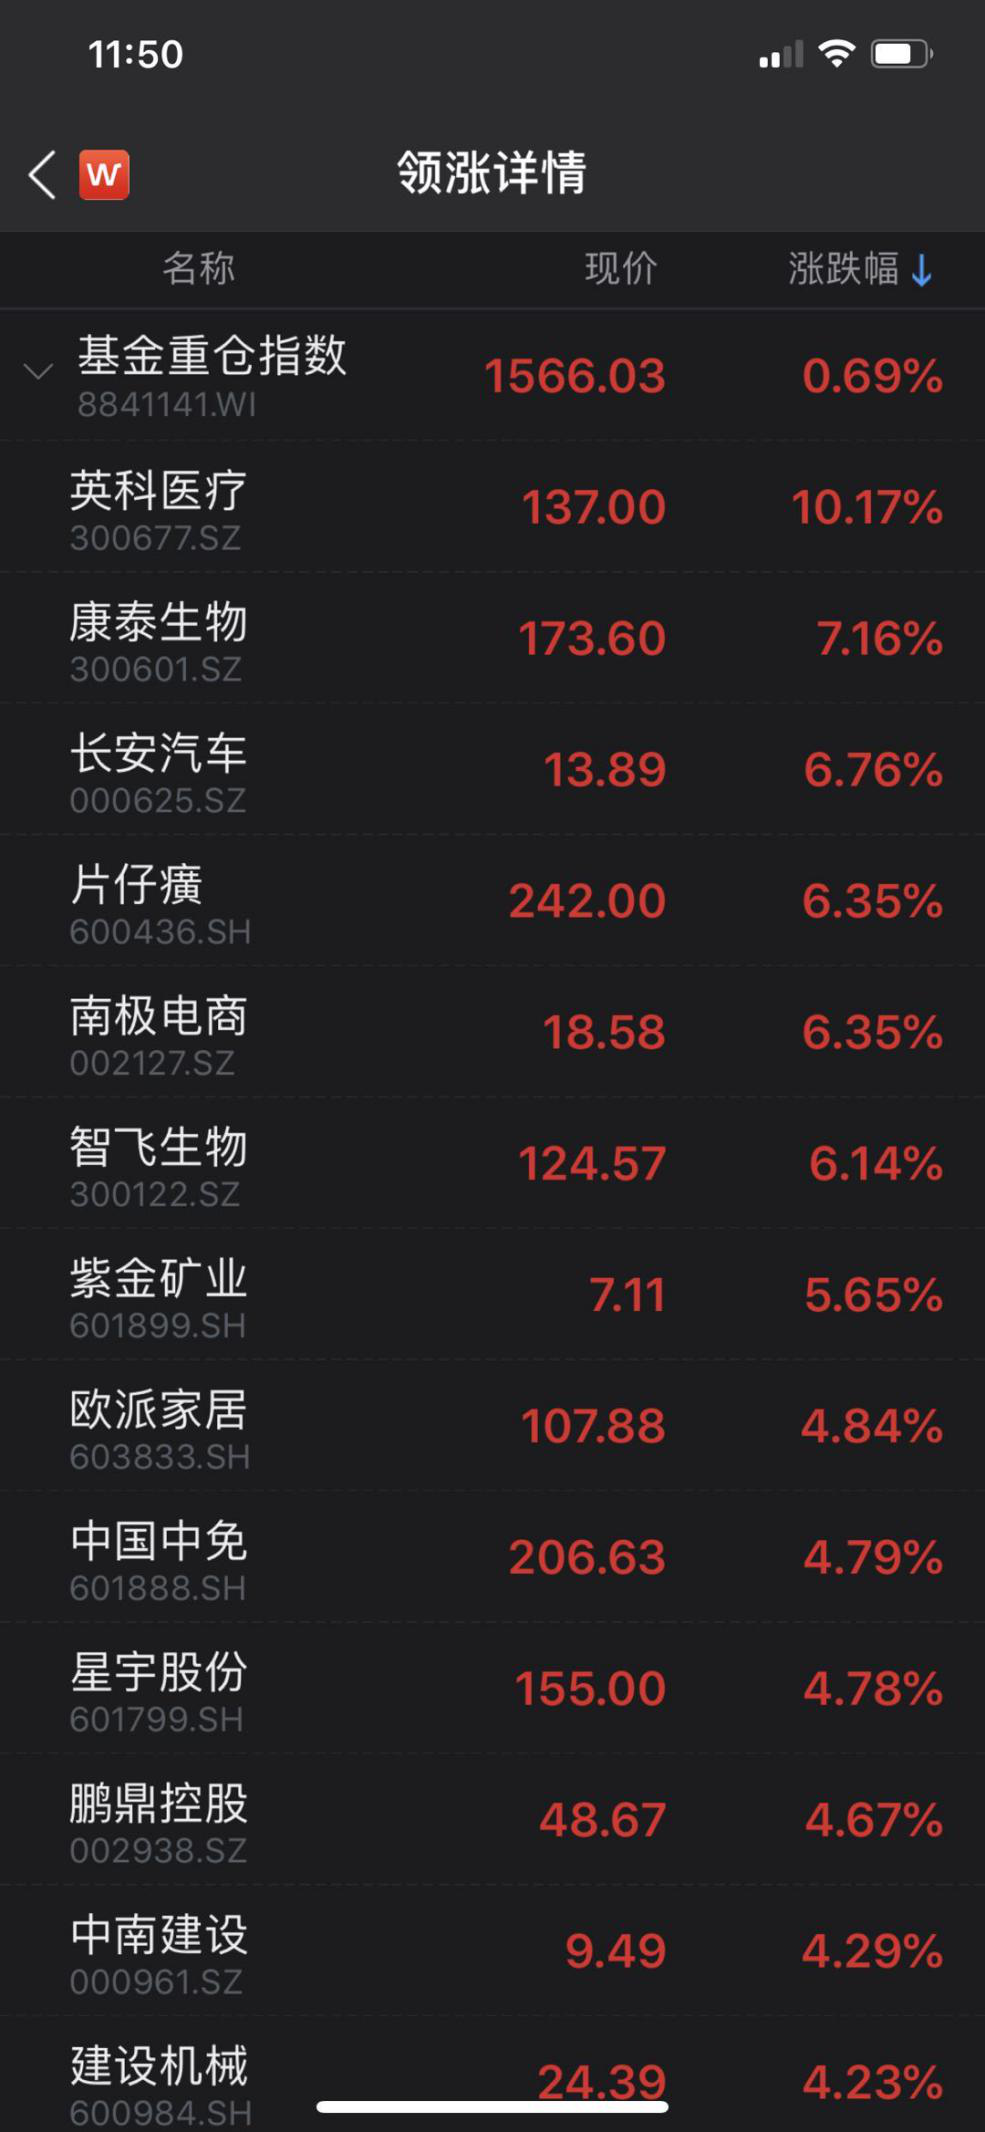 风向变了:创业板低价股全线下跌 机构重仓股回暖